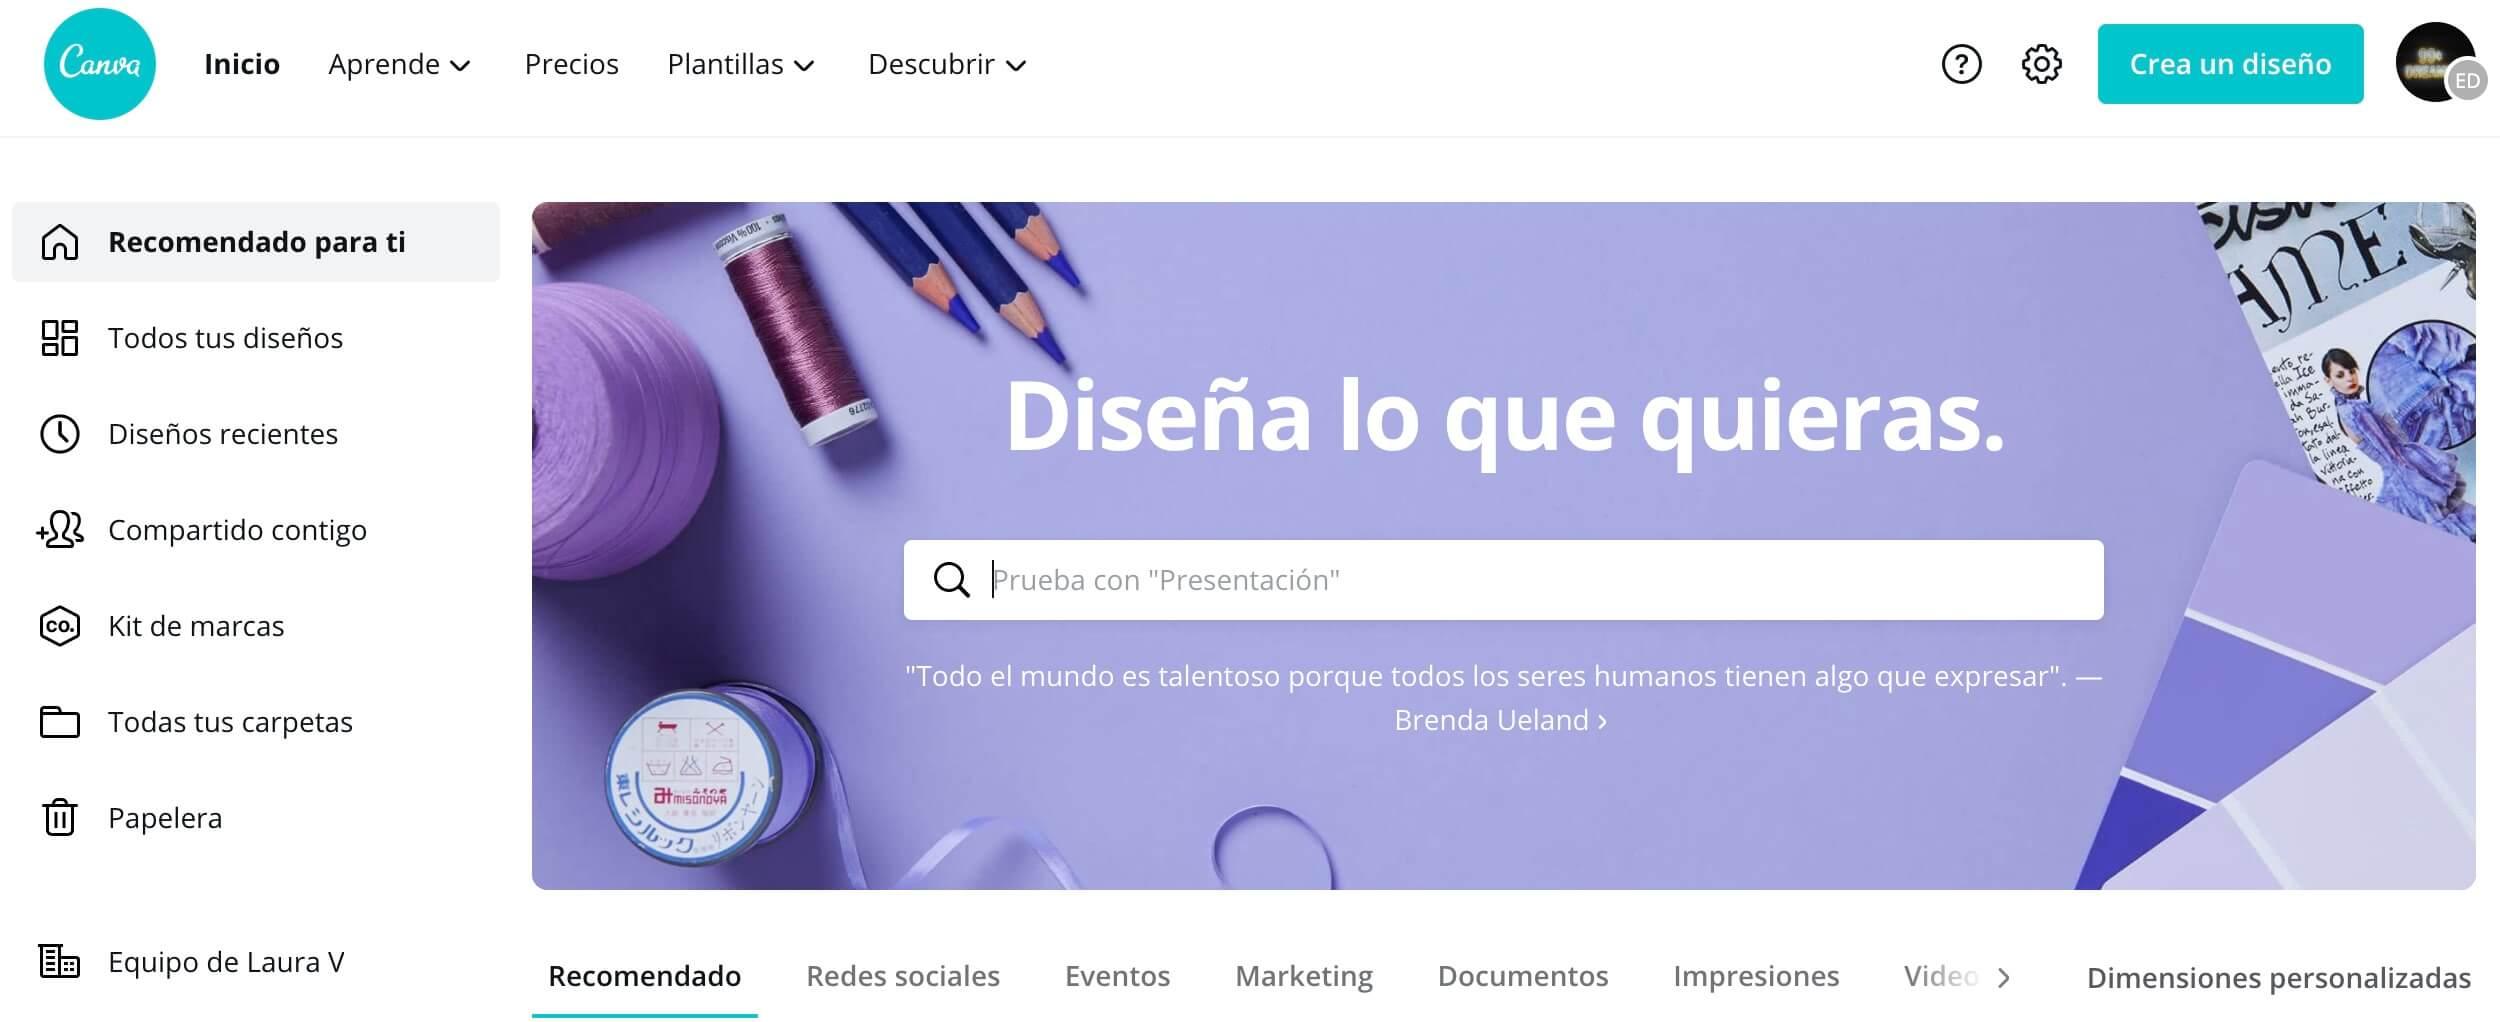 Canva: herramienta de diseño para crear publicidad digital